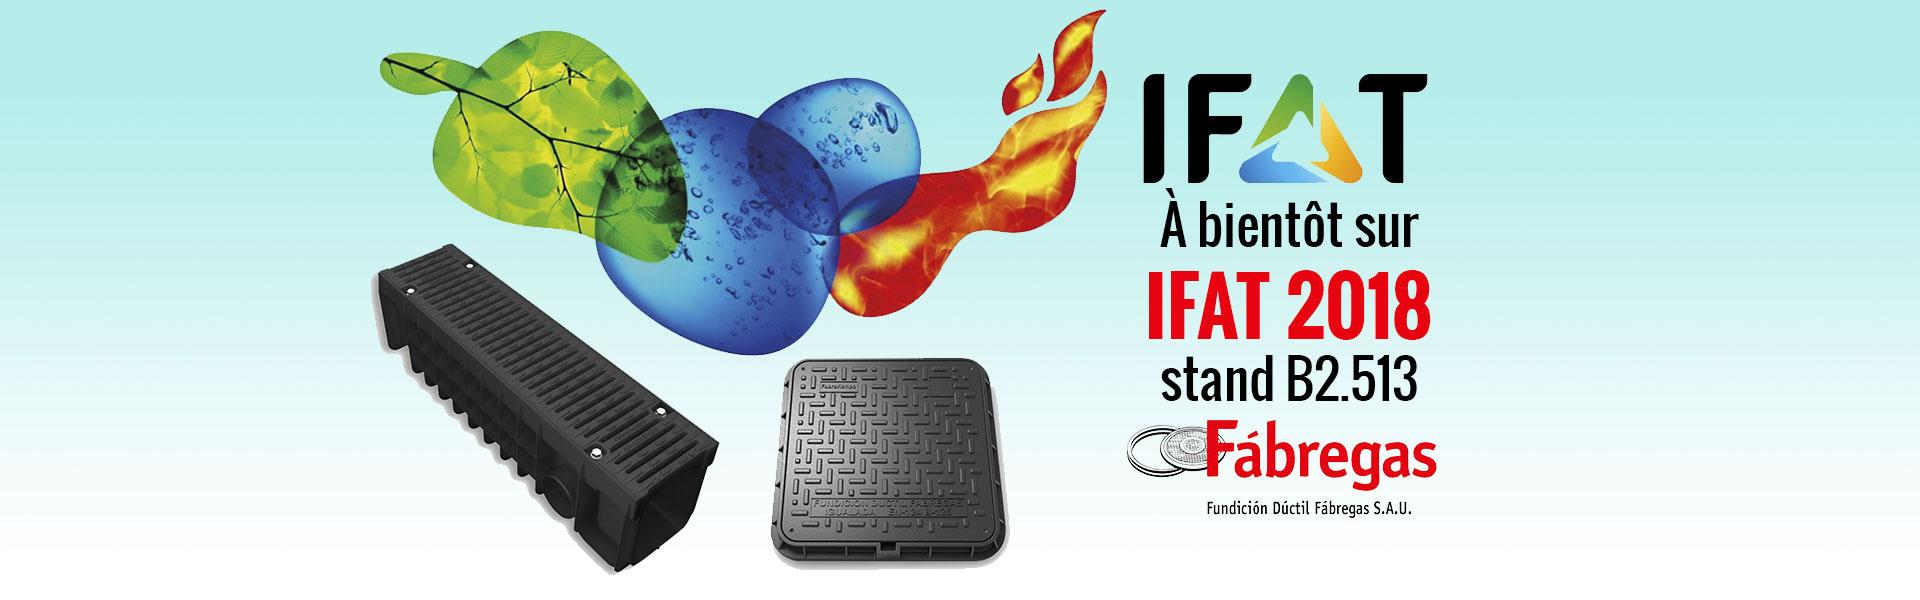 Banner IFAT